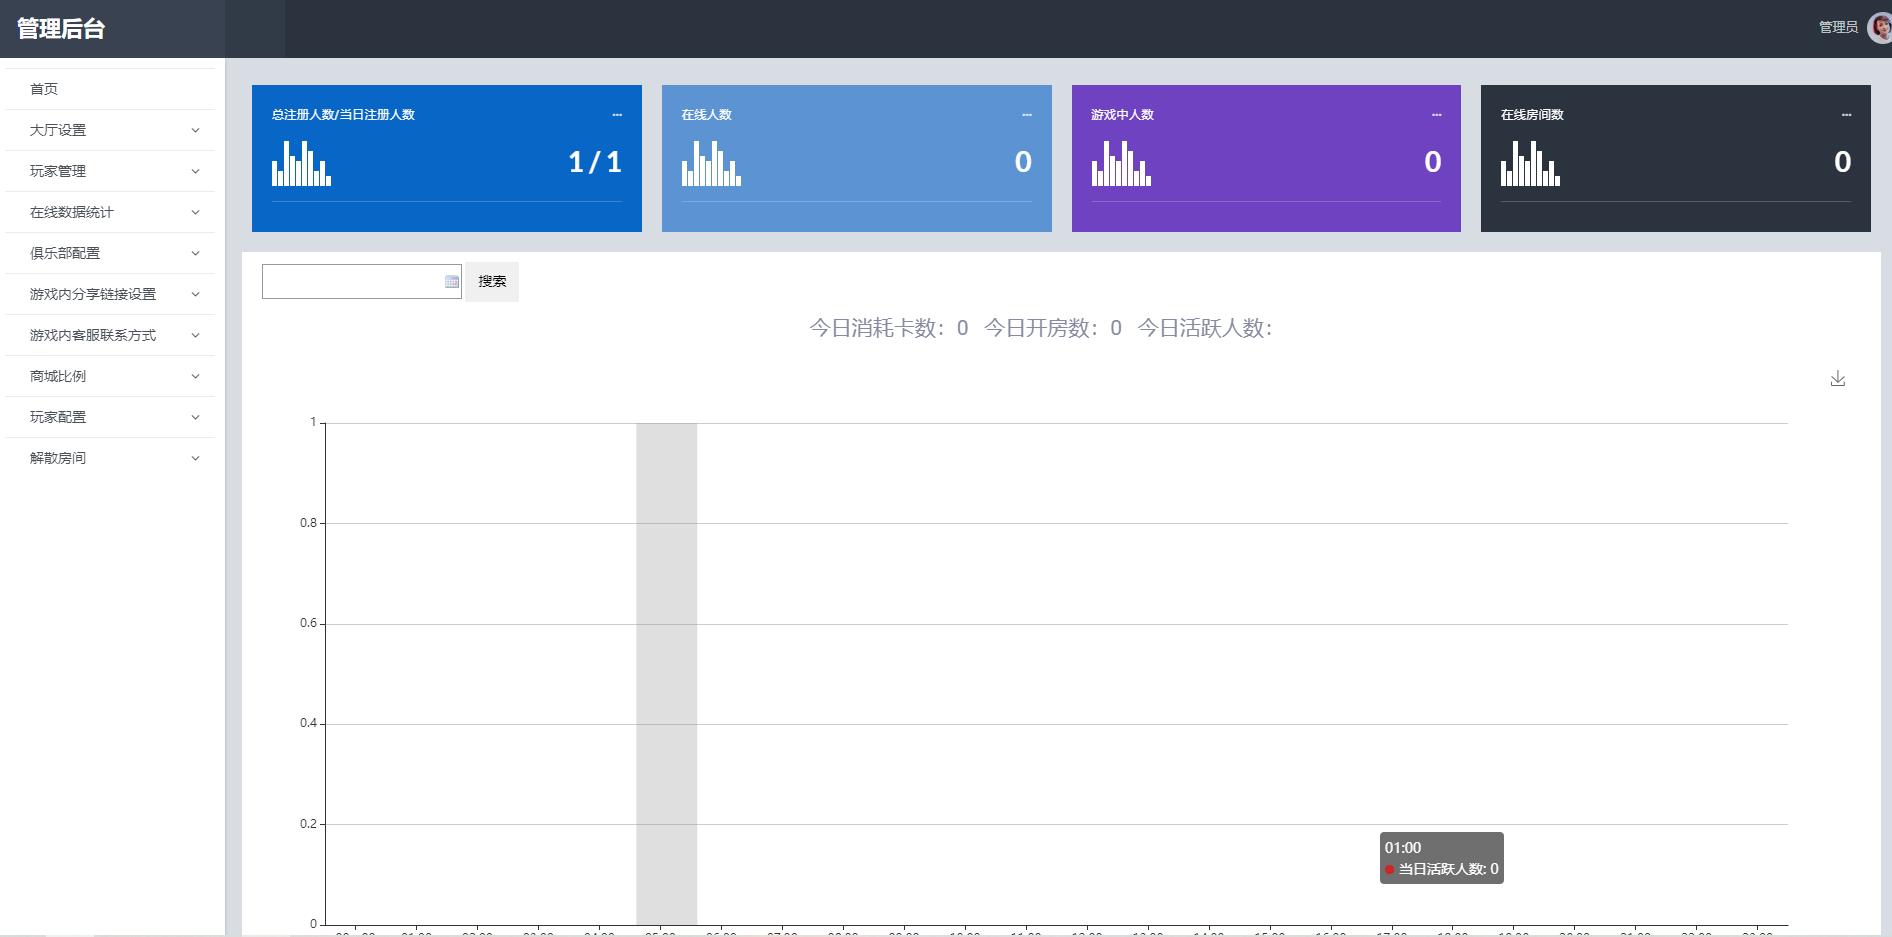 【亲测】完美运营版量推蓝色凉都版全套,完整数据+安卓苹果双端-第11张